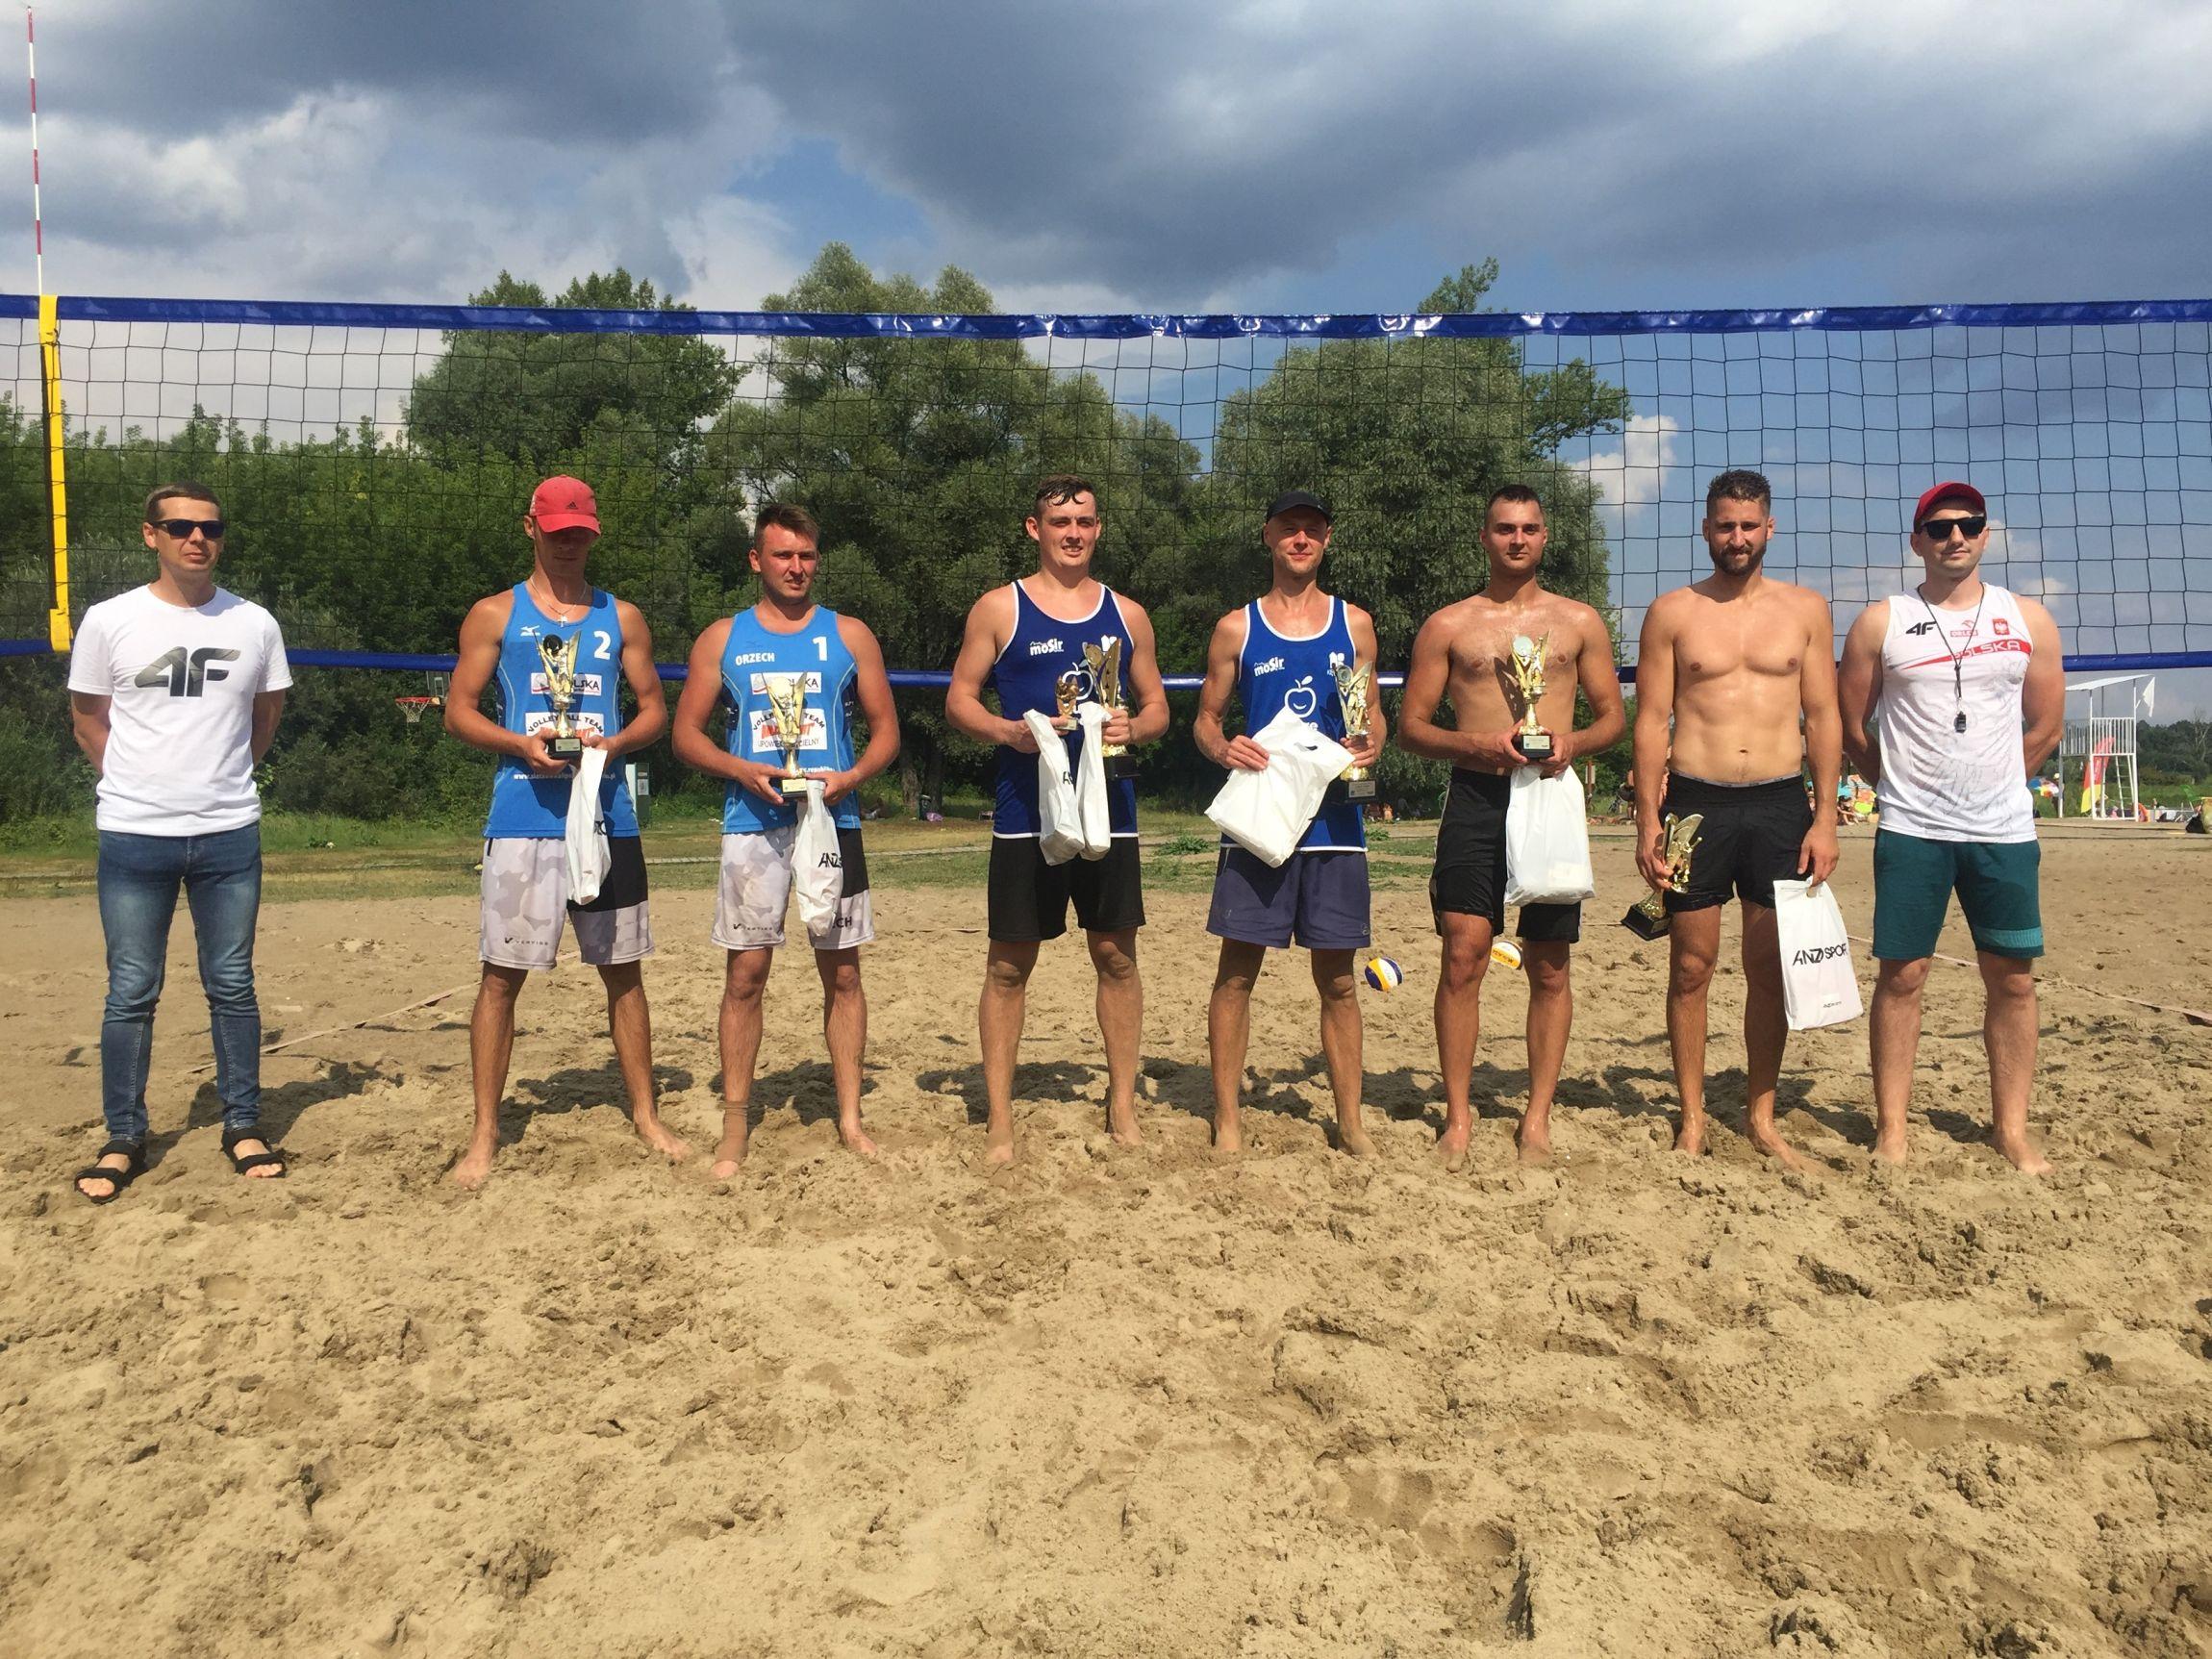 VIII Turniej Siatkówki Plażowej o Puchar Burmistrza Miasta Pułtusk rozstrzygnięty